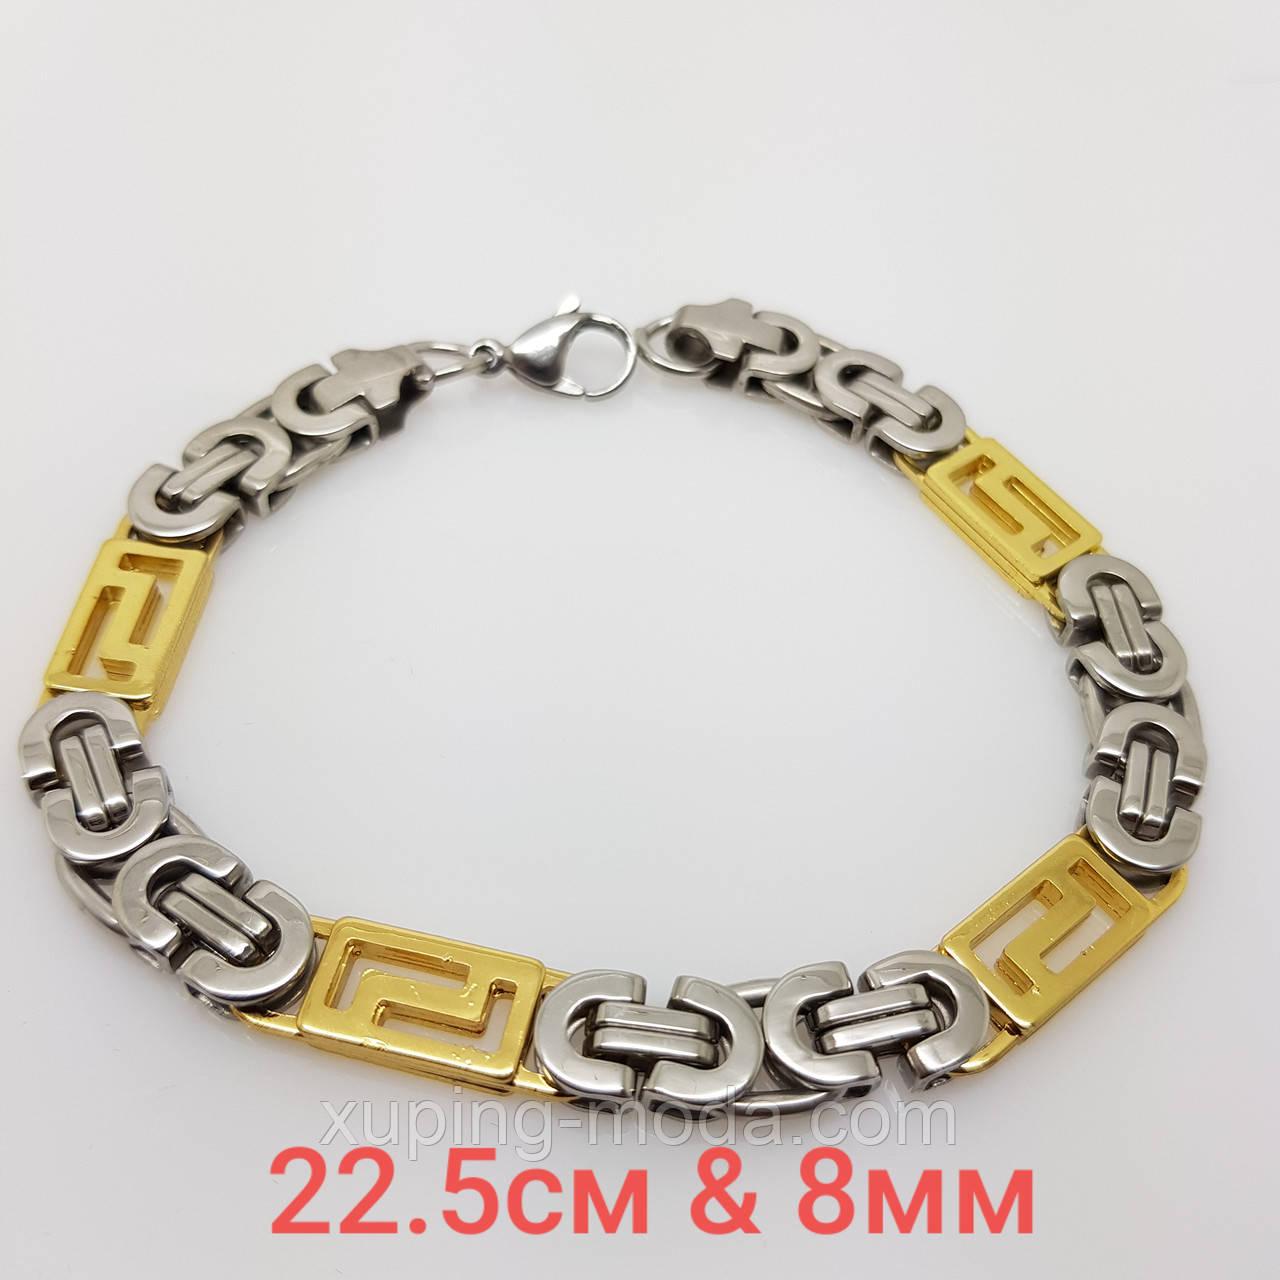 Мужской браслет для руки, Лисий хвост, позолота+под серебро